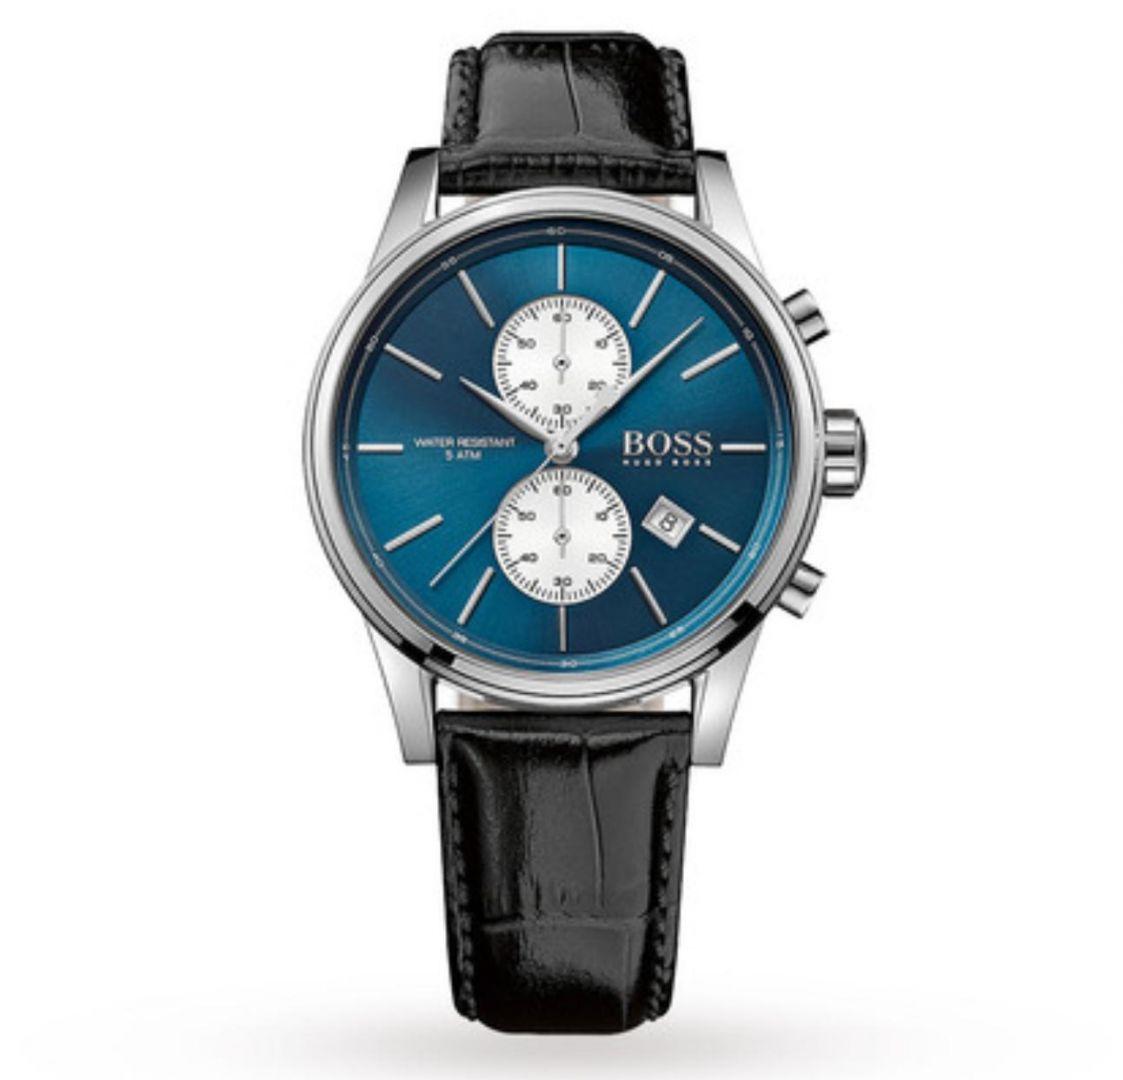 שעון יד אנלוגי לגבר hugo boss 1513283 הוגו בוס